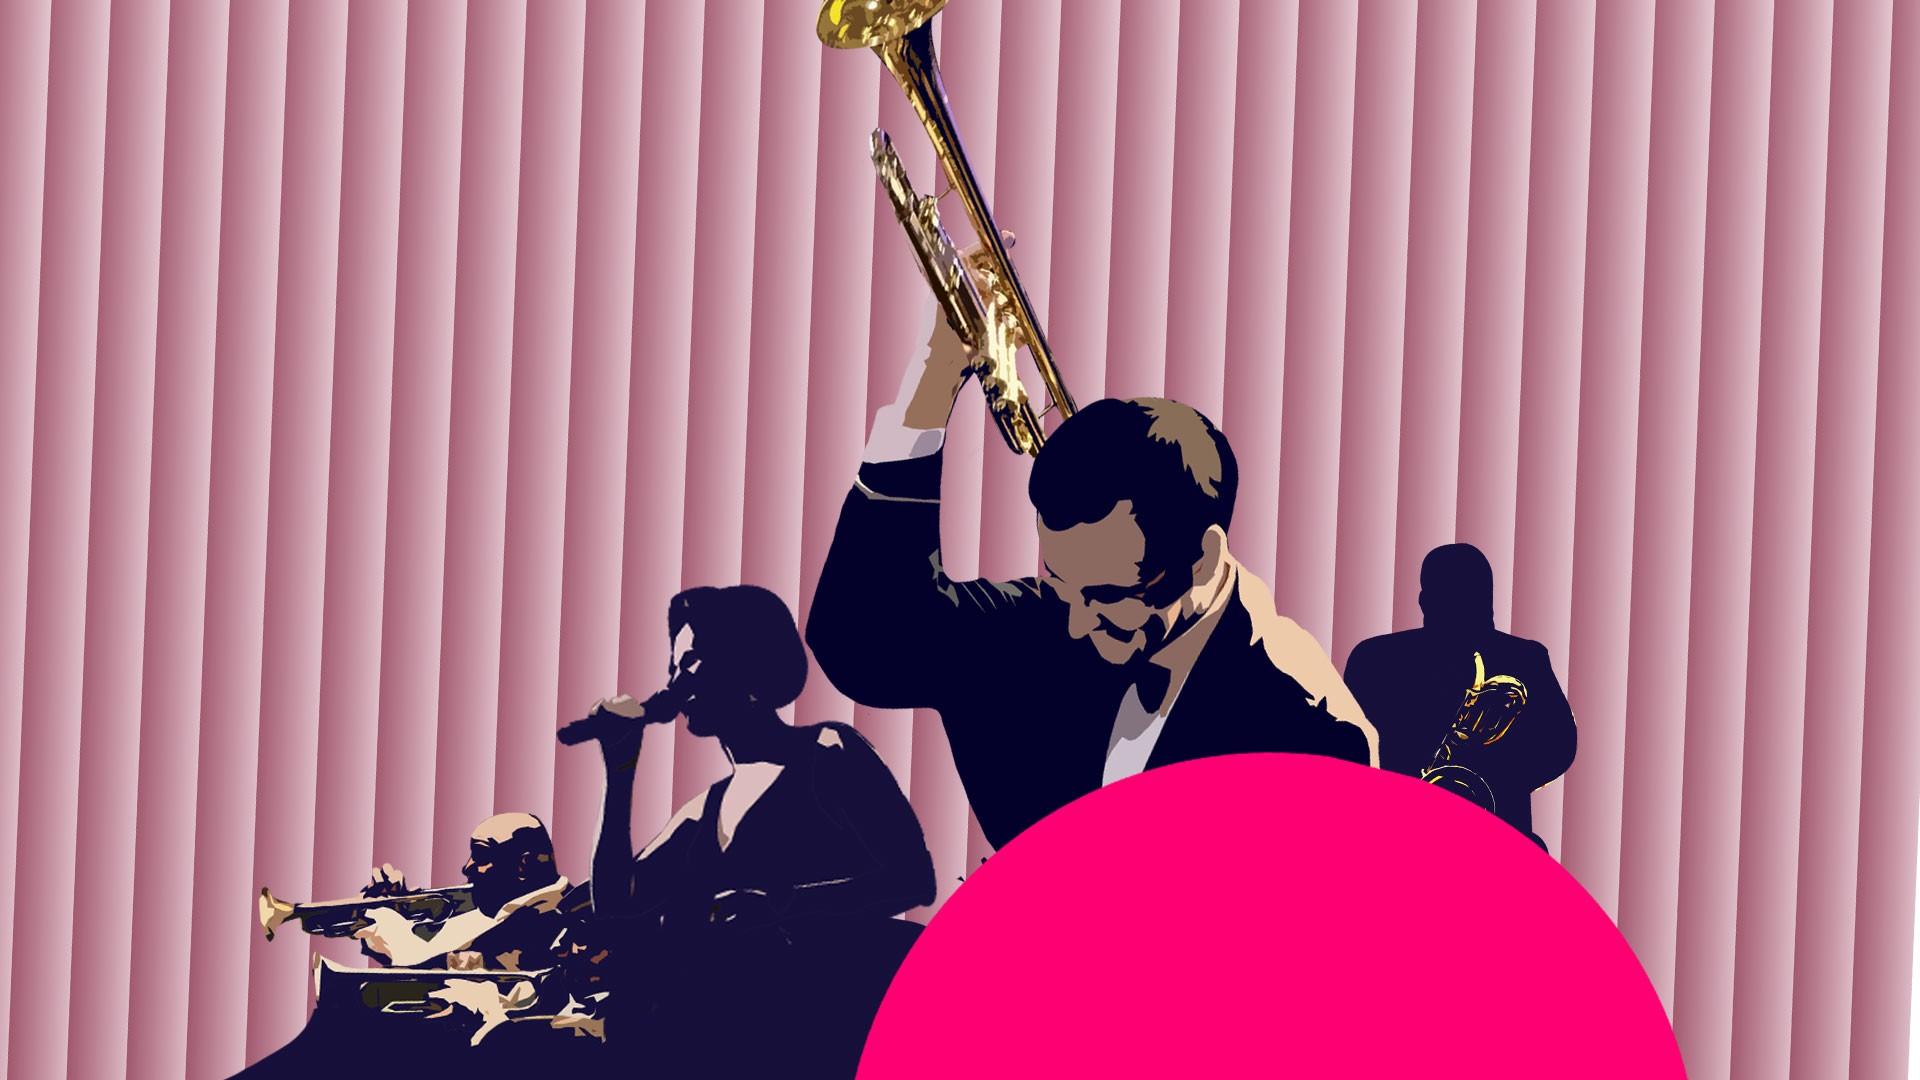 """Оркестр """"Столичный джаз"""". Концертная программа """"Танцы в Савойе"""""""